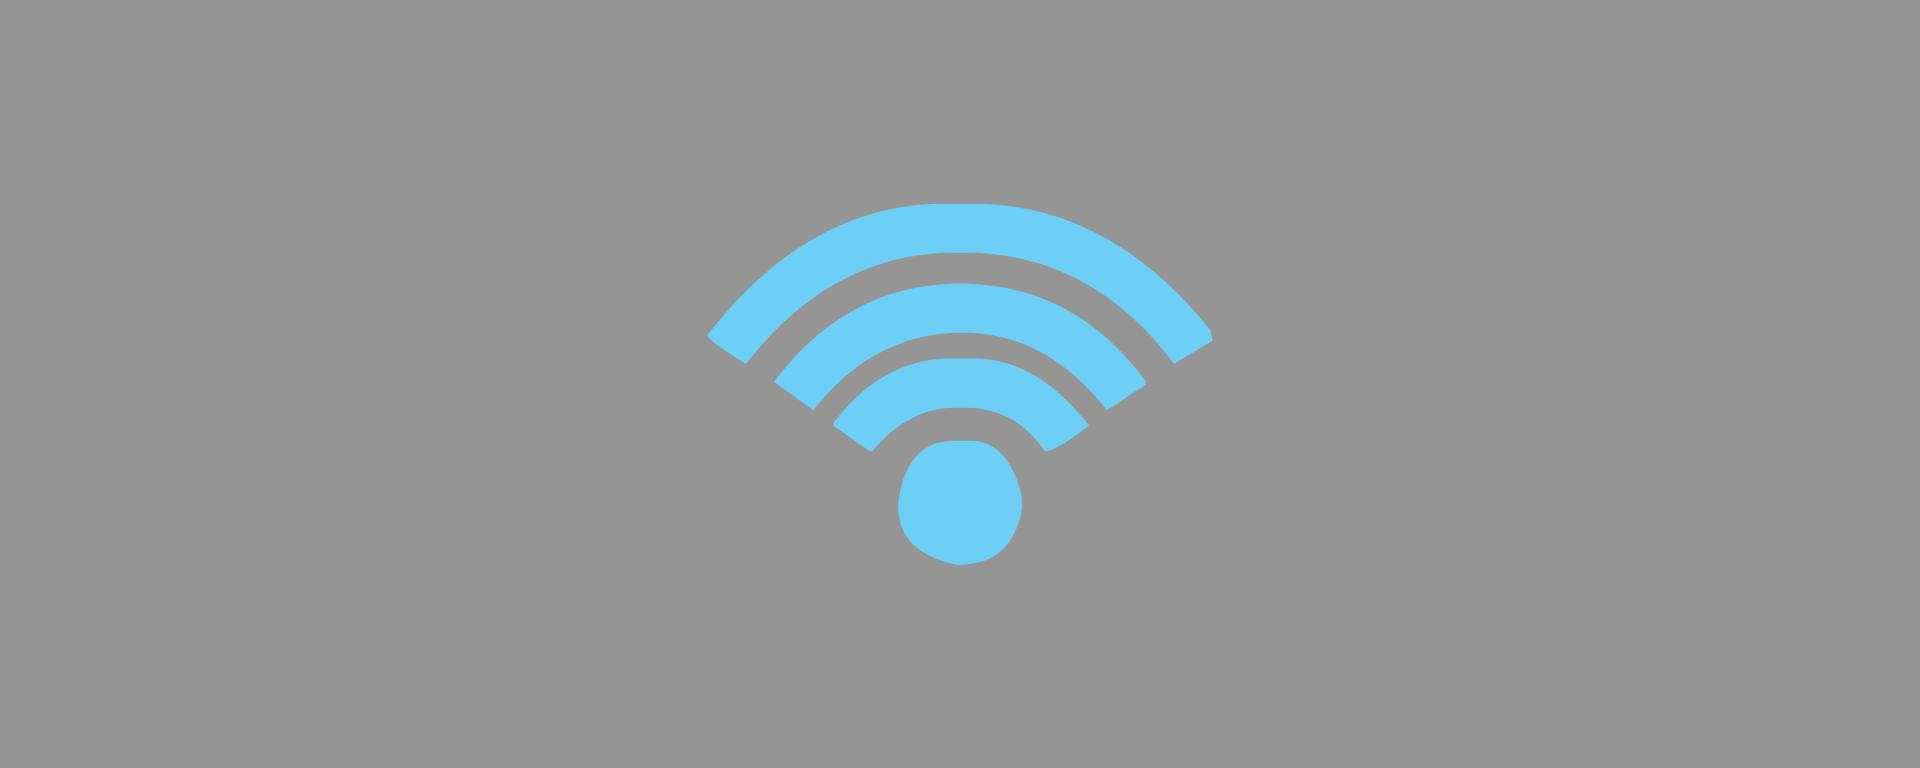 windtalker-o-como-tu-cuerpo-y-el-wifi-revelan-contrasenas